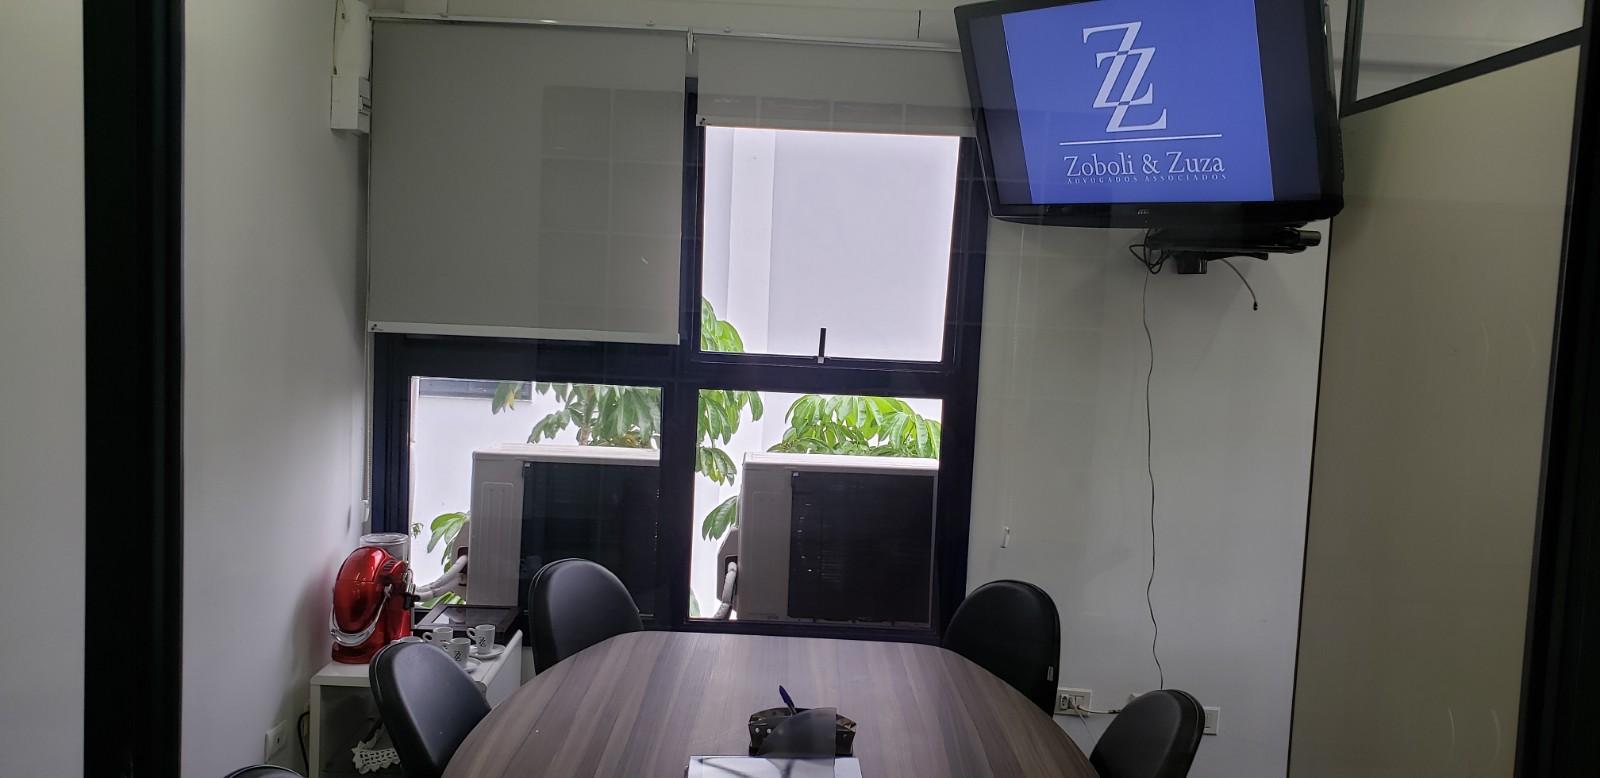 Sala de Reunião 1 Zoboli & Zuza